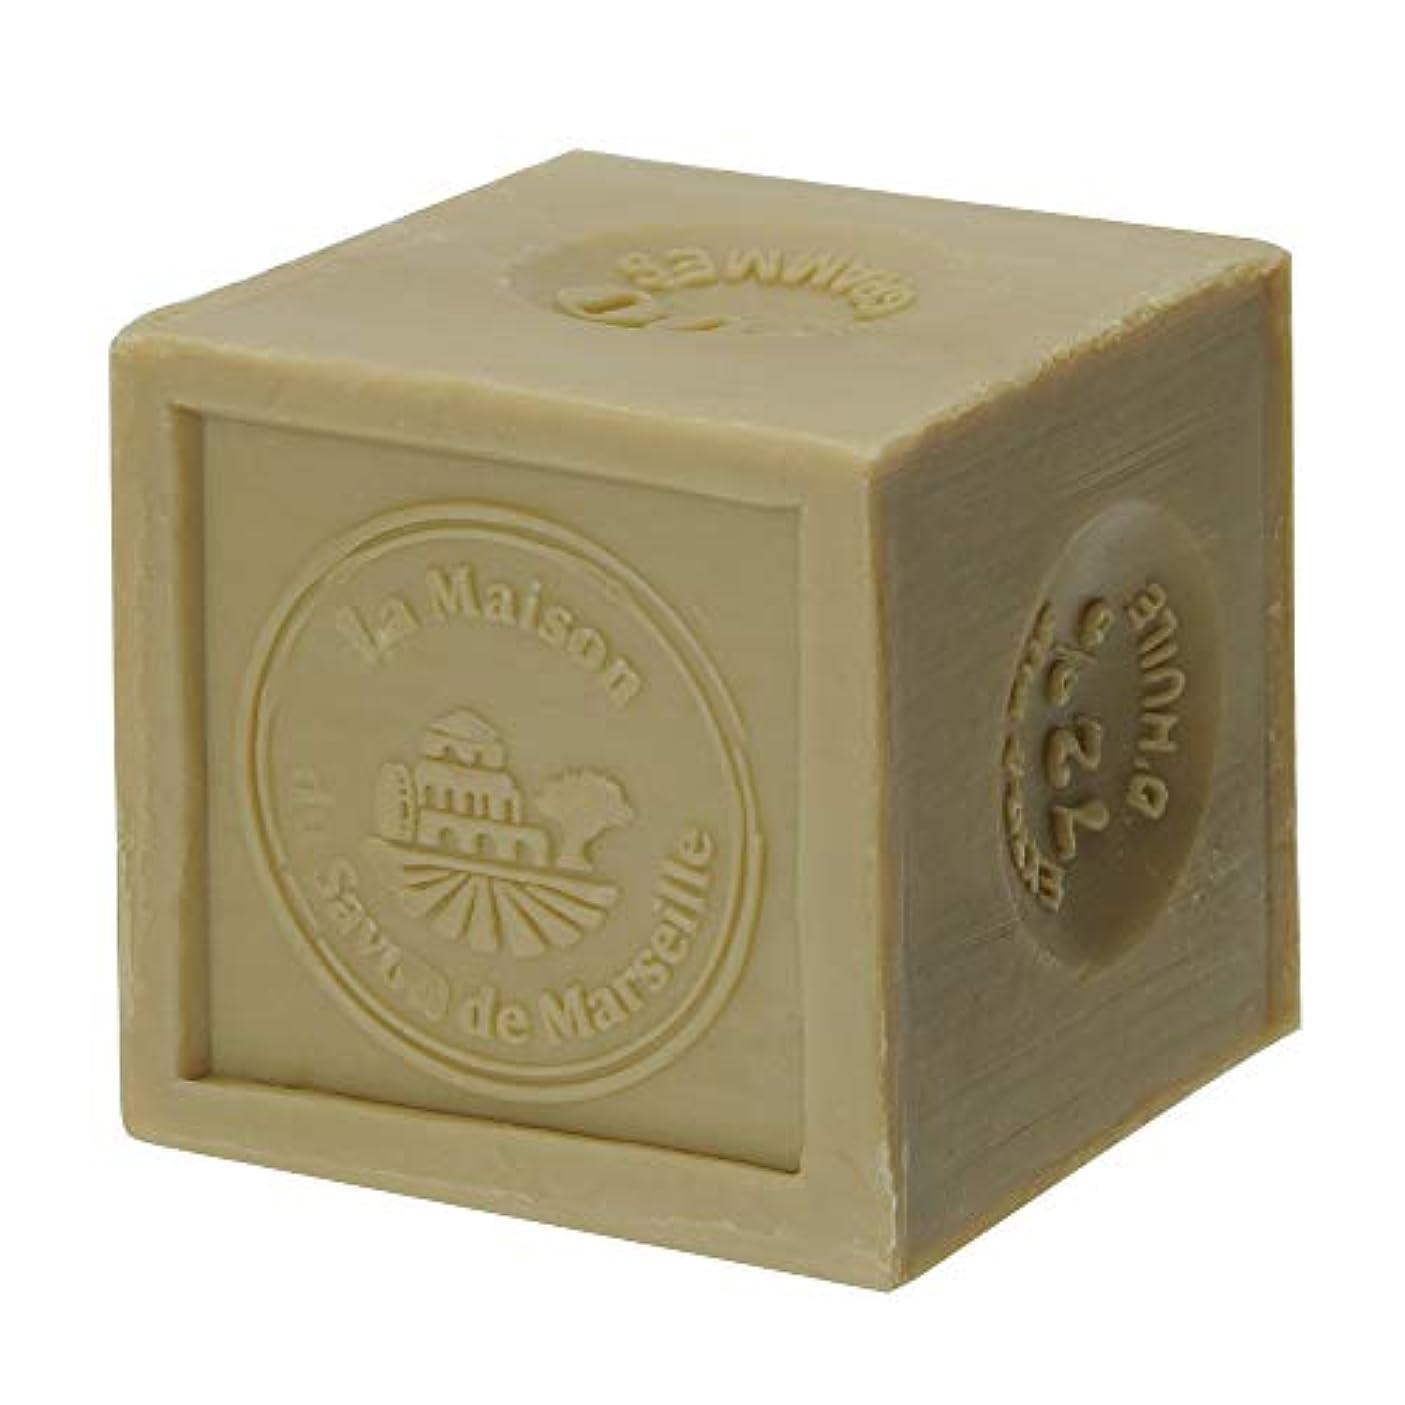 ベッドを作るカウントアップ汚いノルコーポレーション マルセイユ石鹸 オリーブ UPSM認証マーク付き 300g MLL-3-1